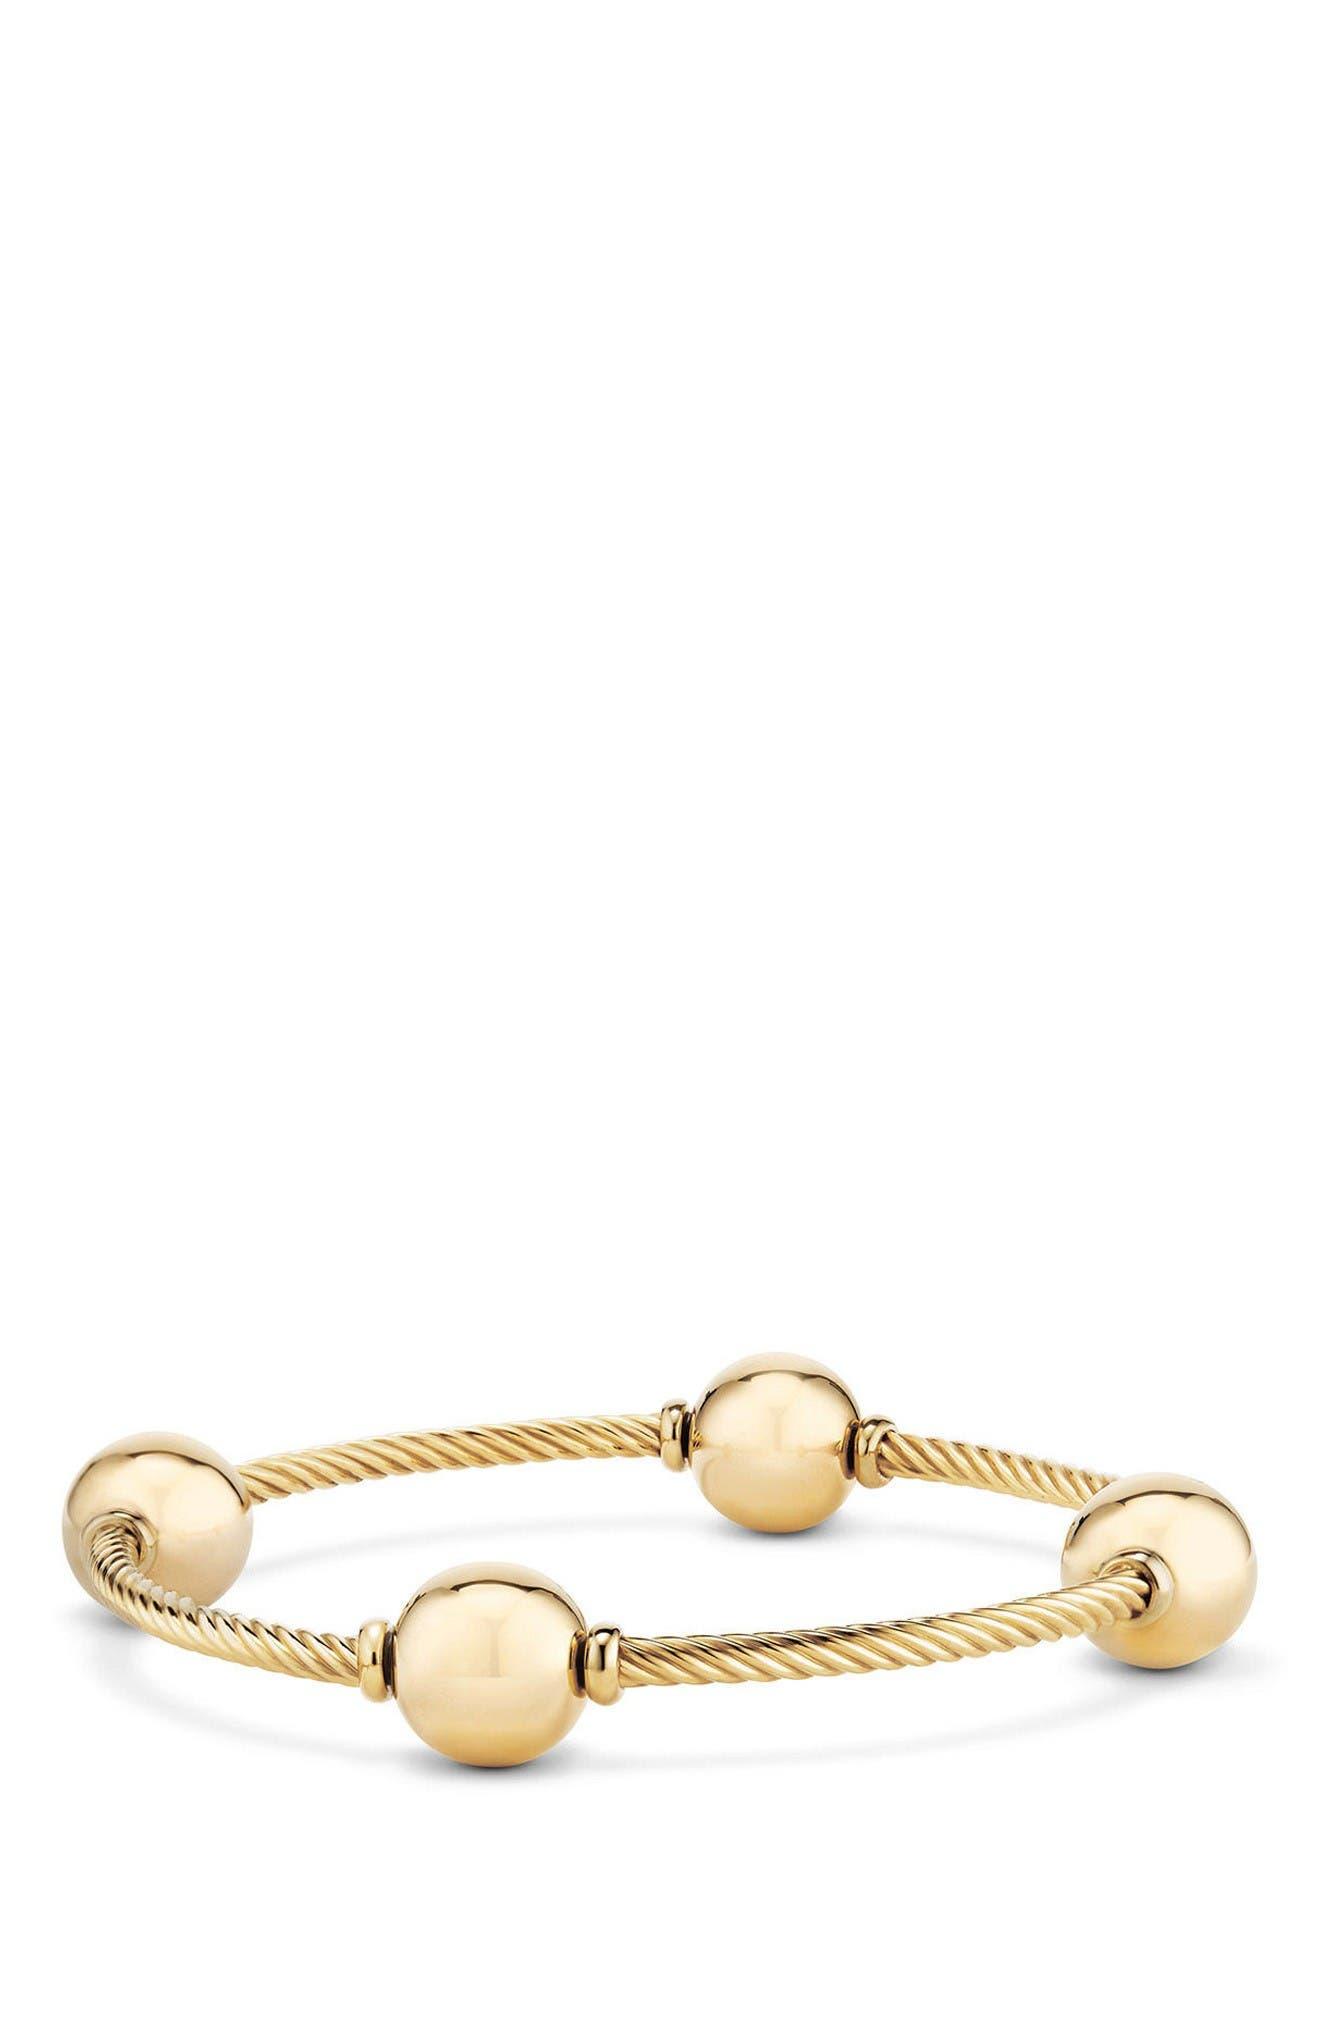 Alternate Image 1 Selected - David Yurman Mustique Four Station Bangle Bracelet in 18K Gold